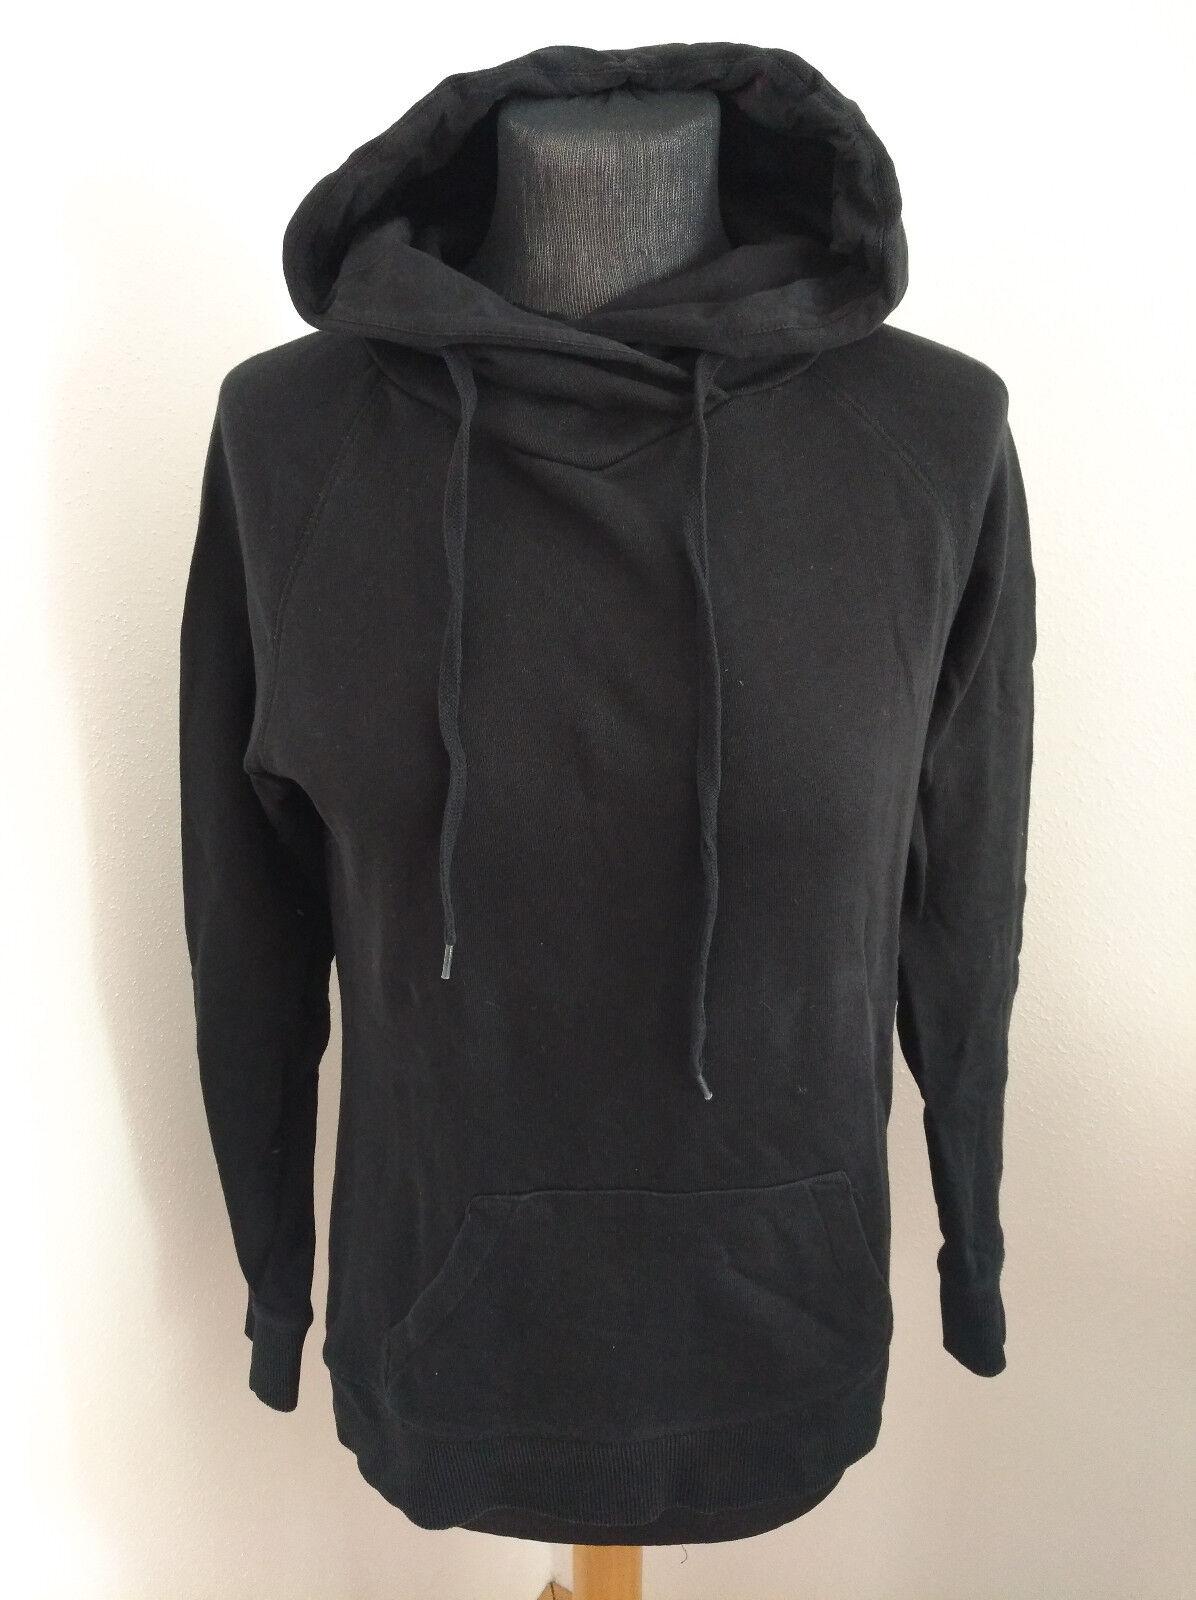 Damen Kapuzenpullover schwarz einfarbig Größe M C&A